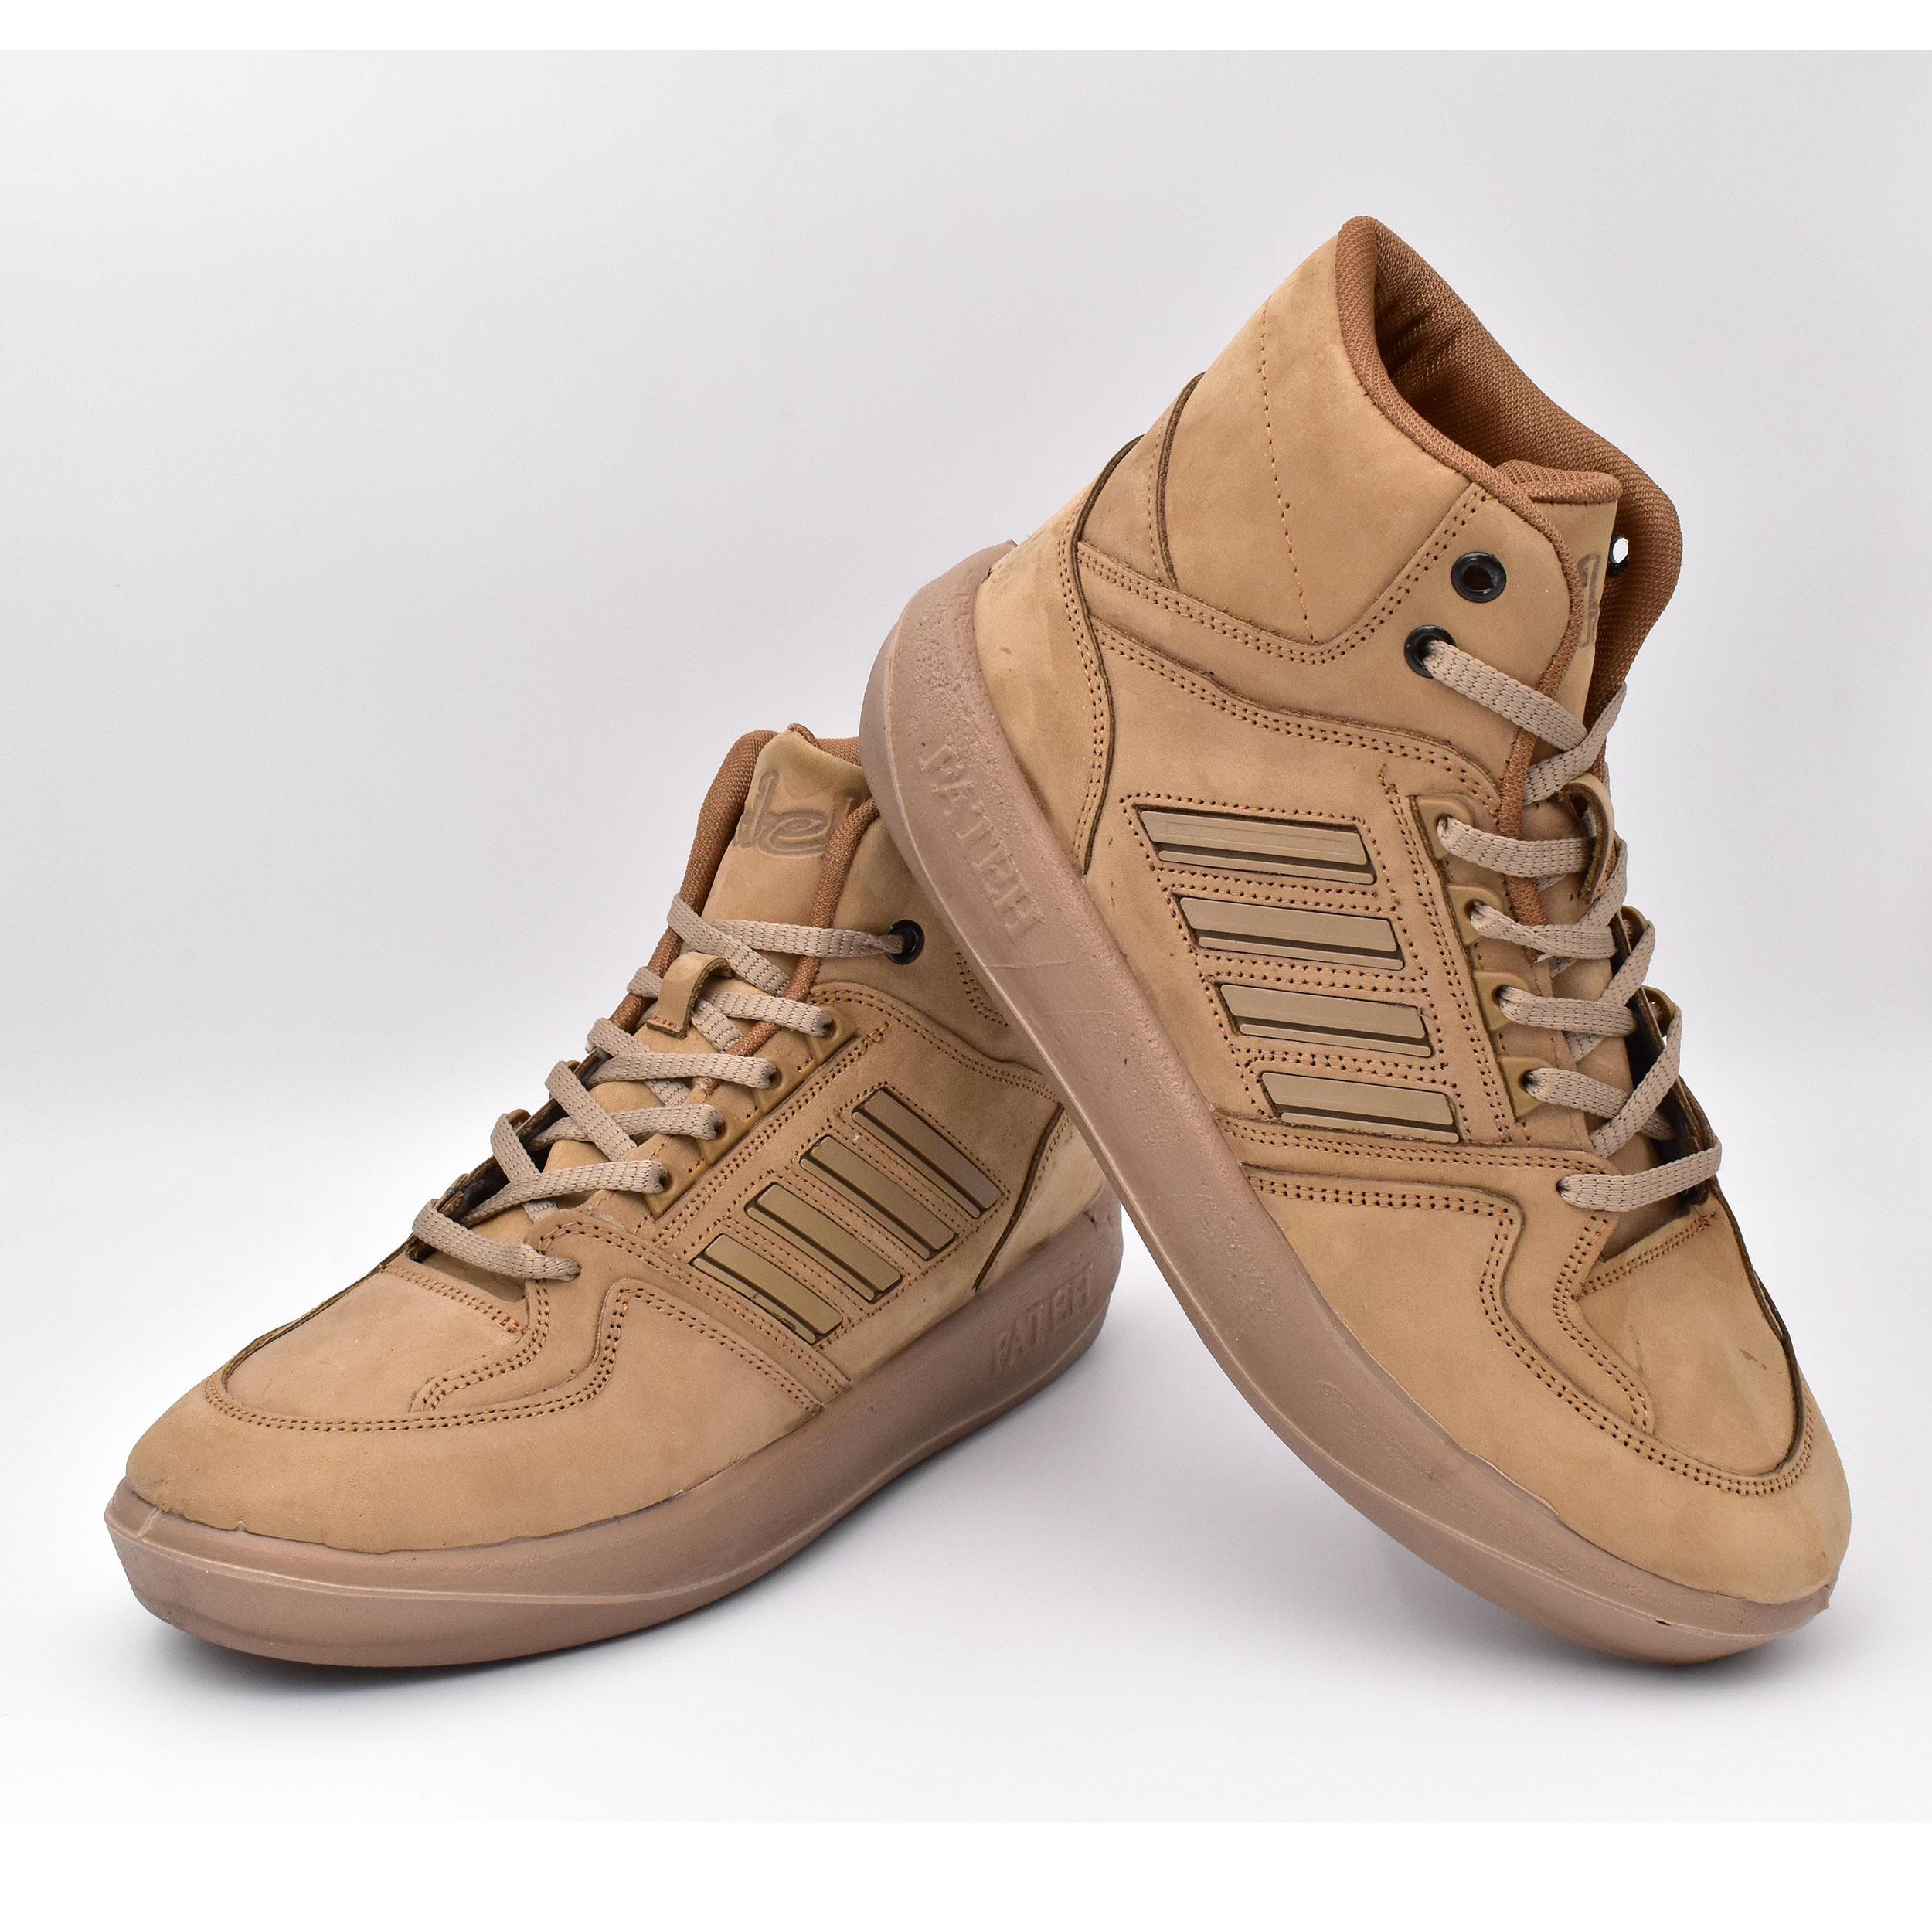 کفش طبیعت گردی مردانه فاتح مدل سنتر کد 8296 main 1 9